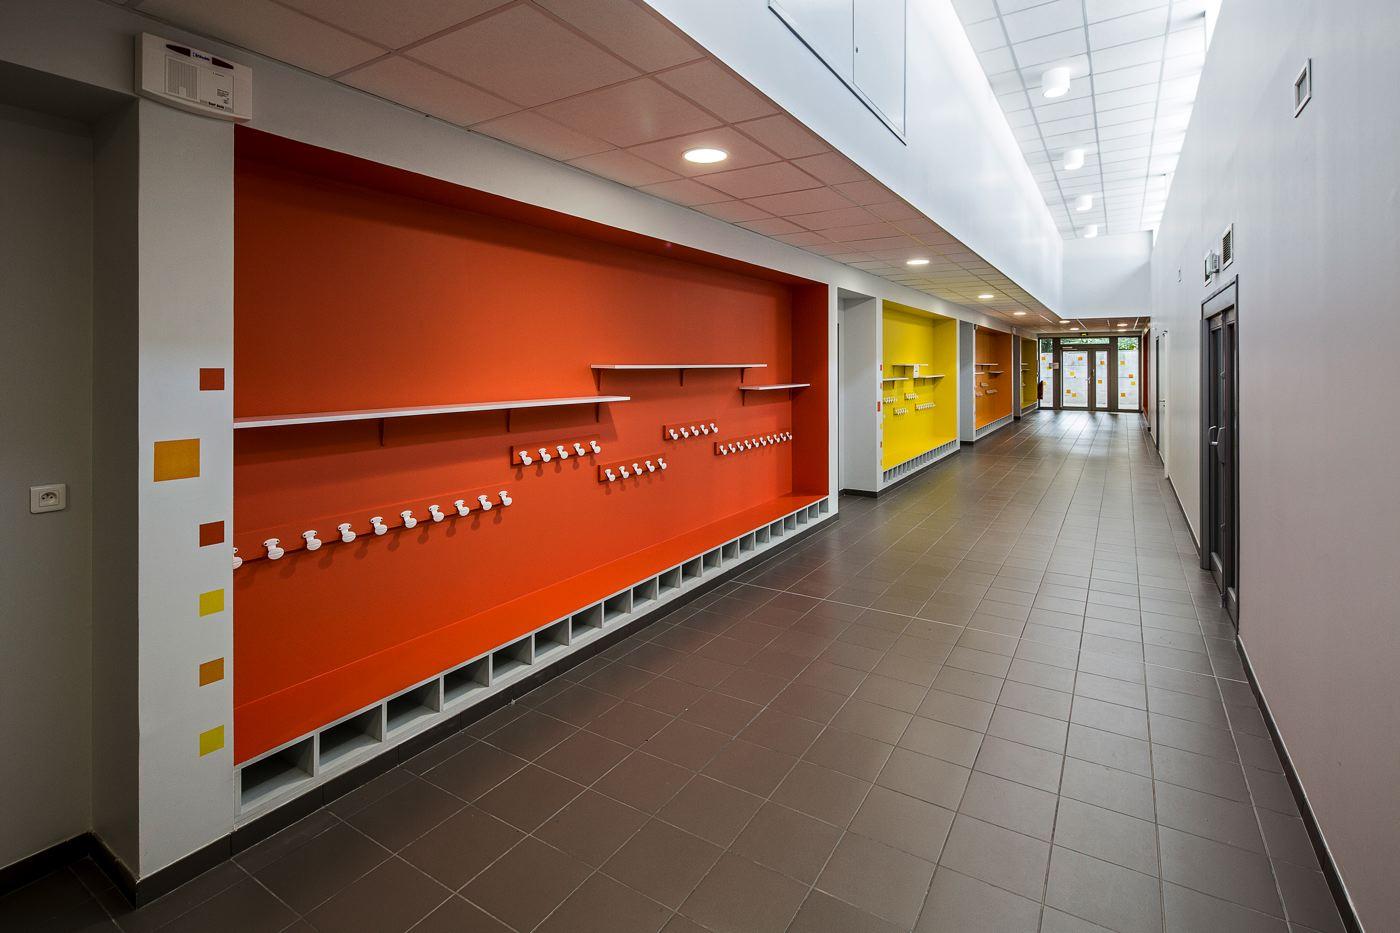 LDKphoto-EFarchi-Groupe scolaire Templeuve-036.jpg